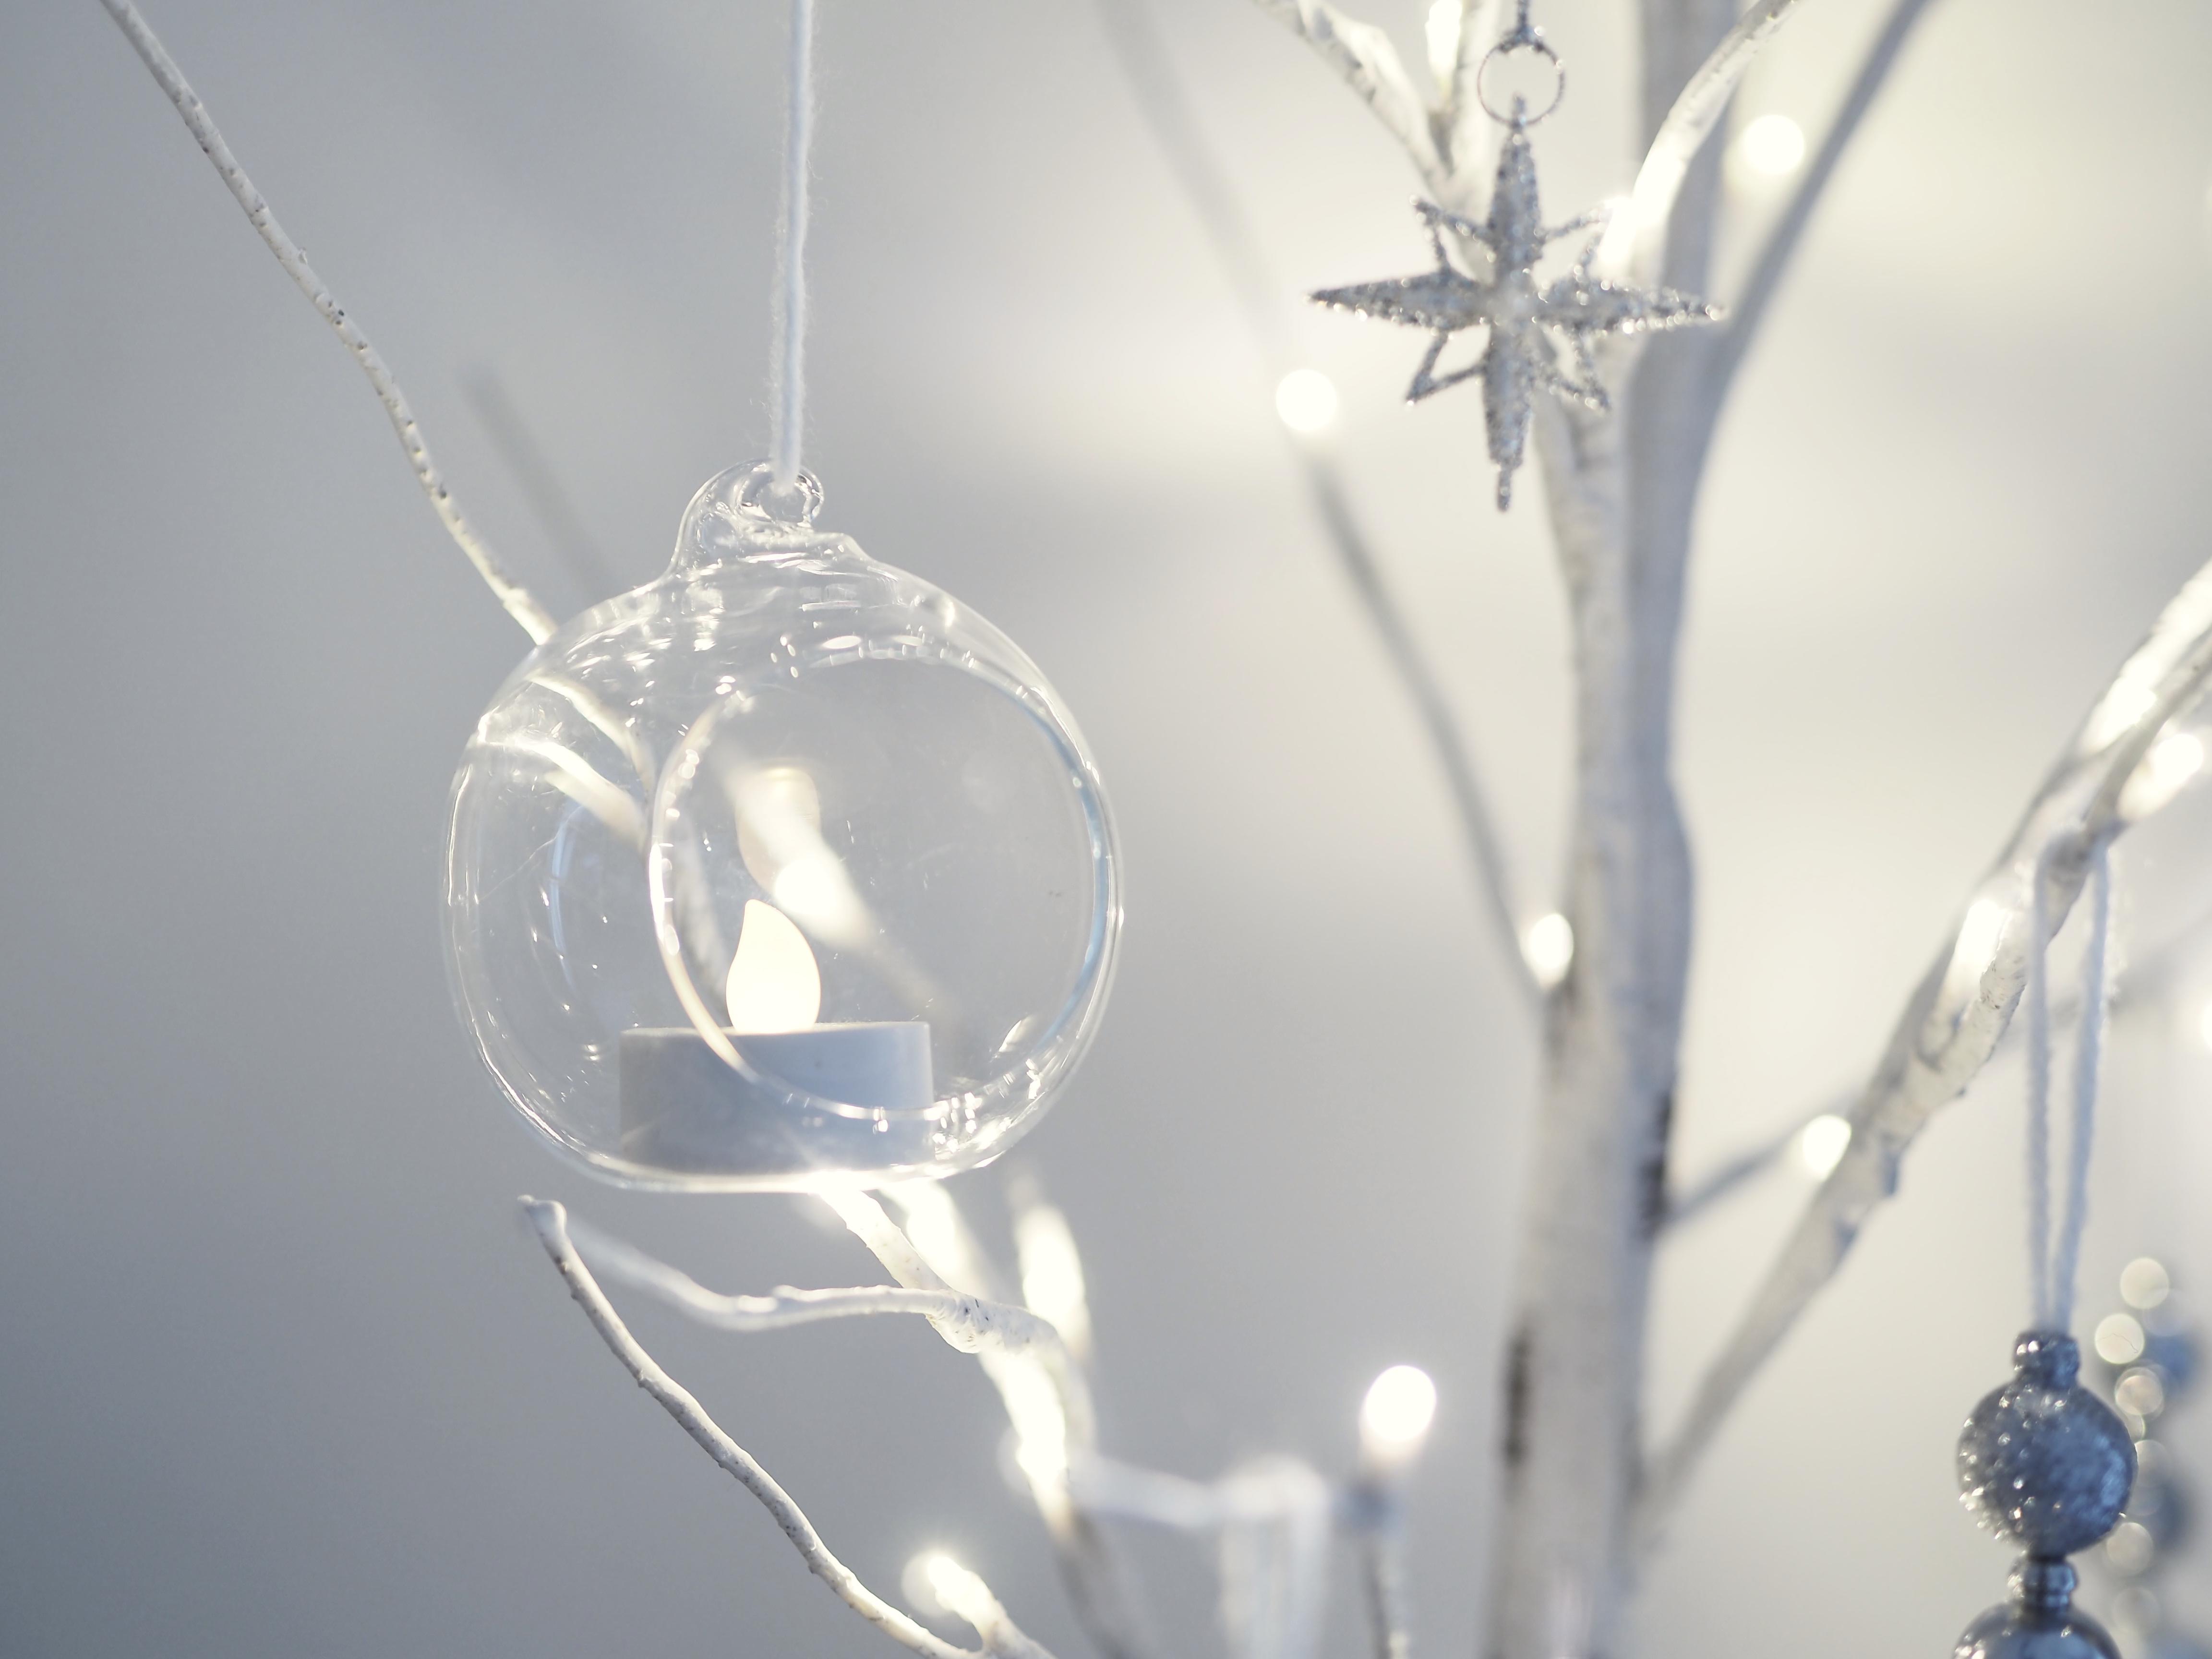 《クリスマス》100均で作る!簡単おしゃれな手作りオーナメント*